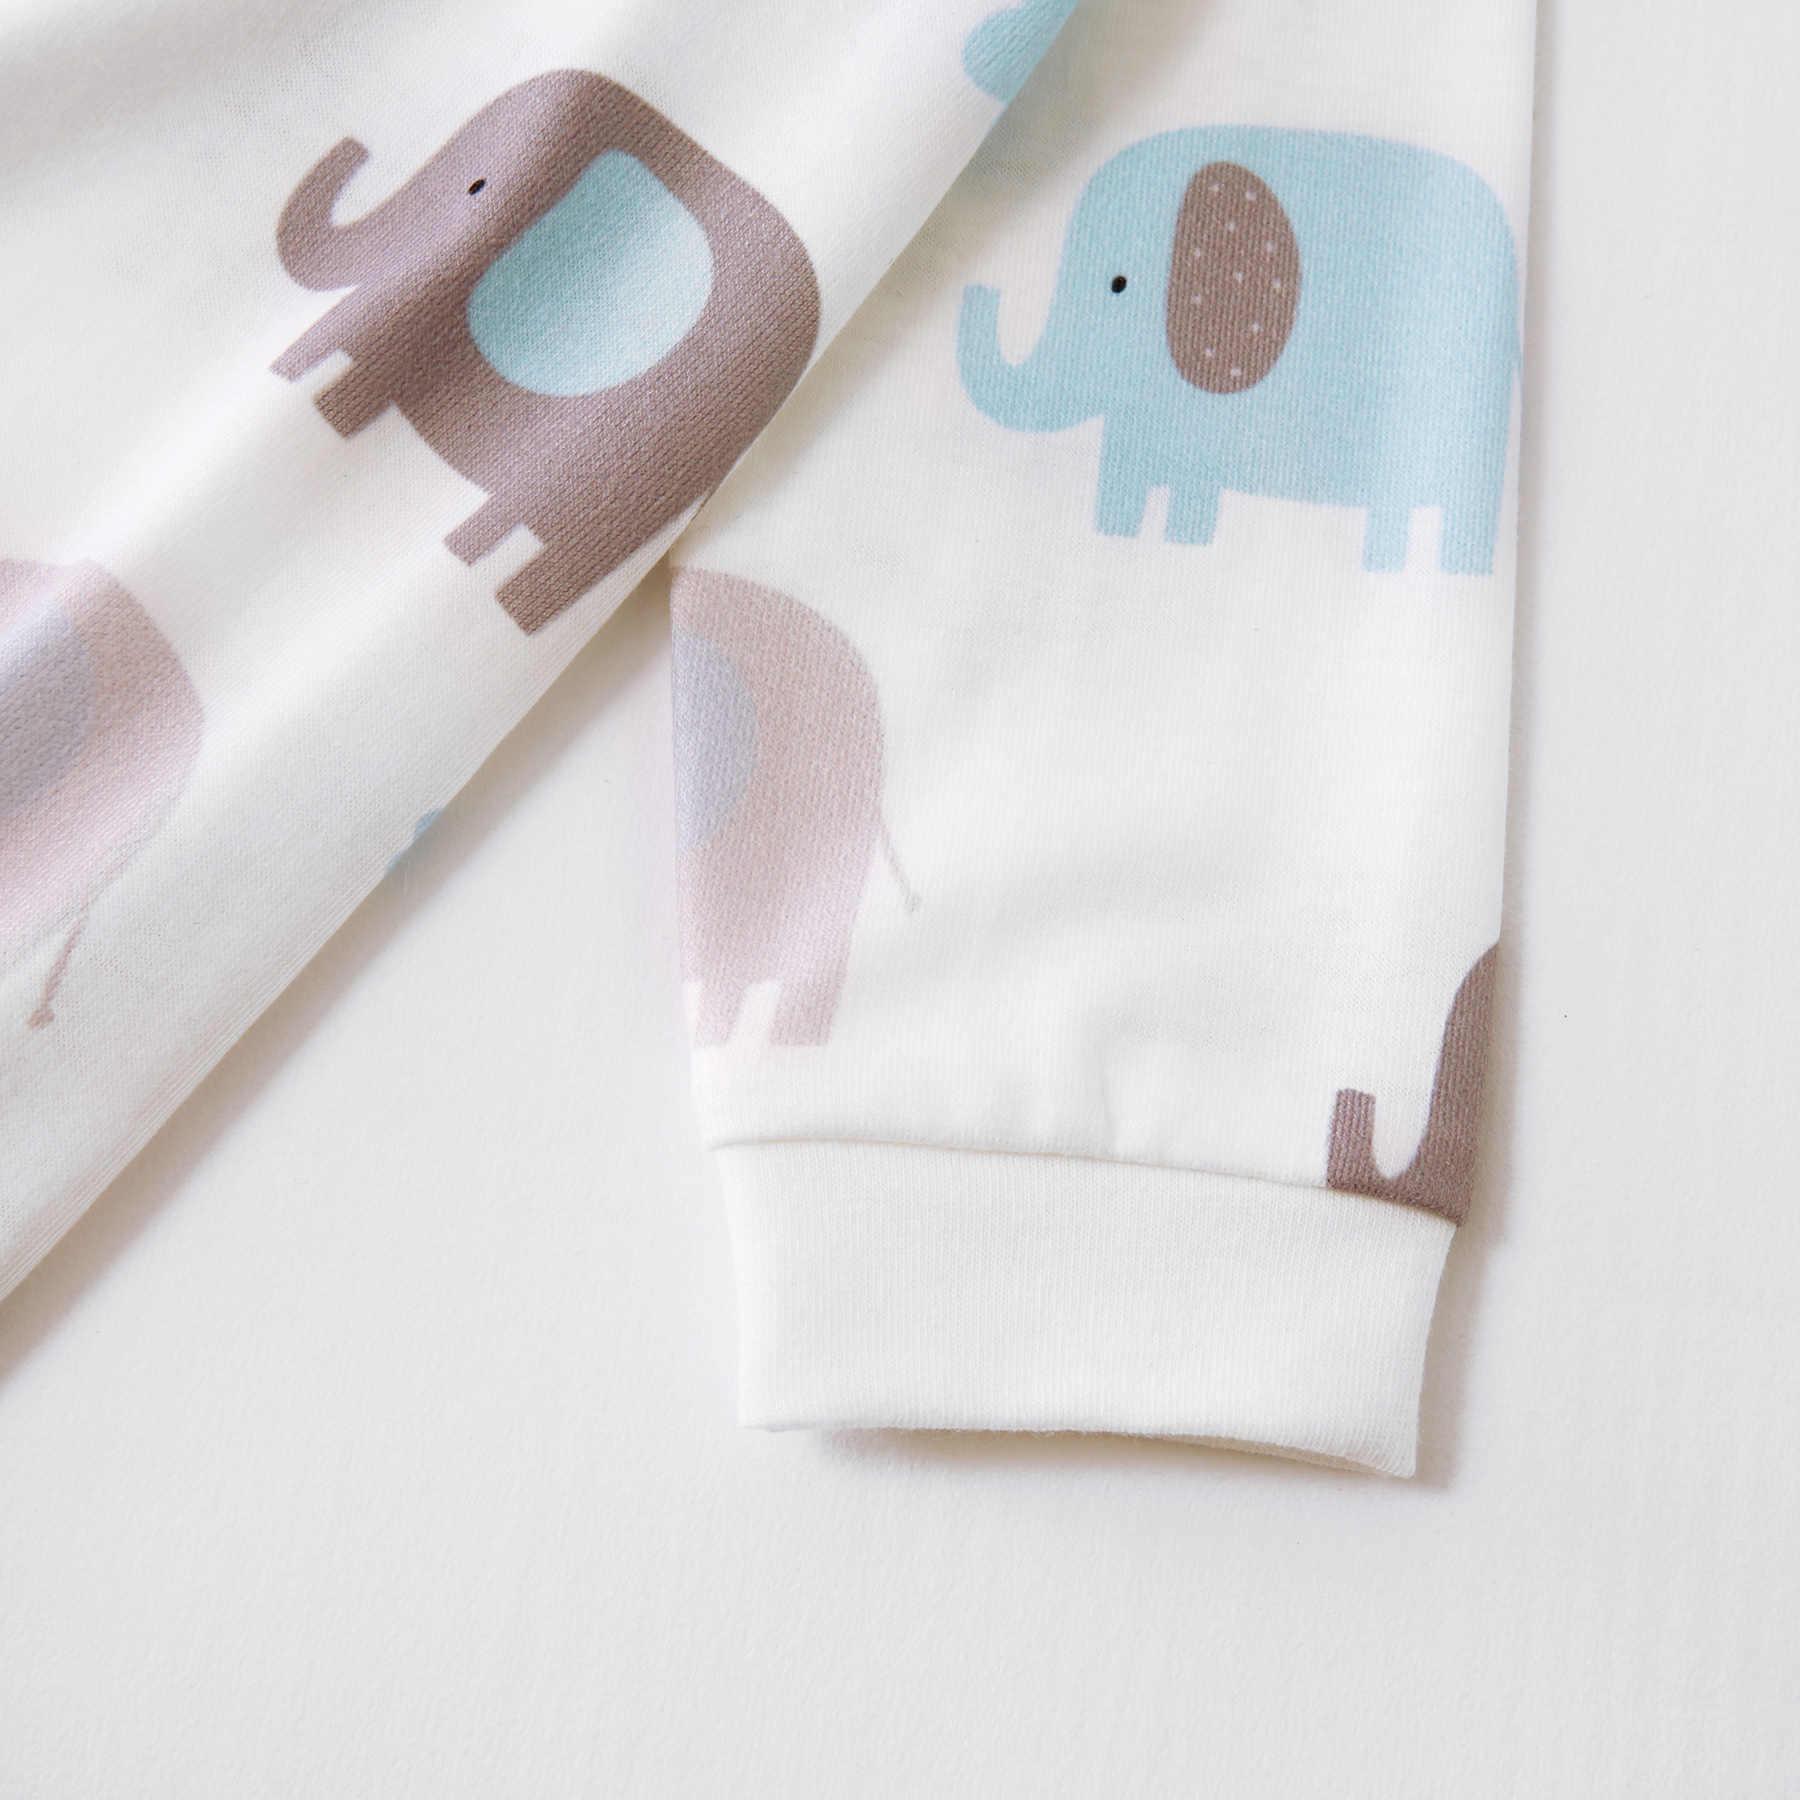 PatPat Baby Elefanten Allover Baumwolle Stil Lange-sleeve Overall Bottom Snap Herbst Freizeit für Baby Kleinkind Junge Mädchen 0 -18M